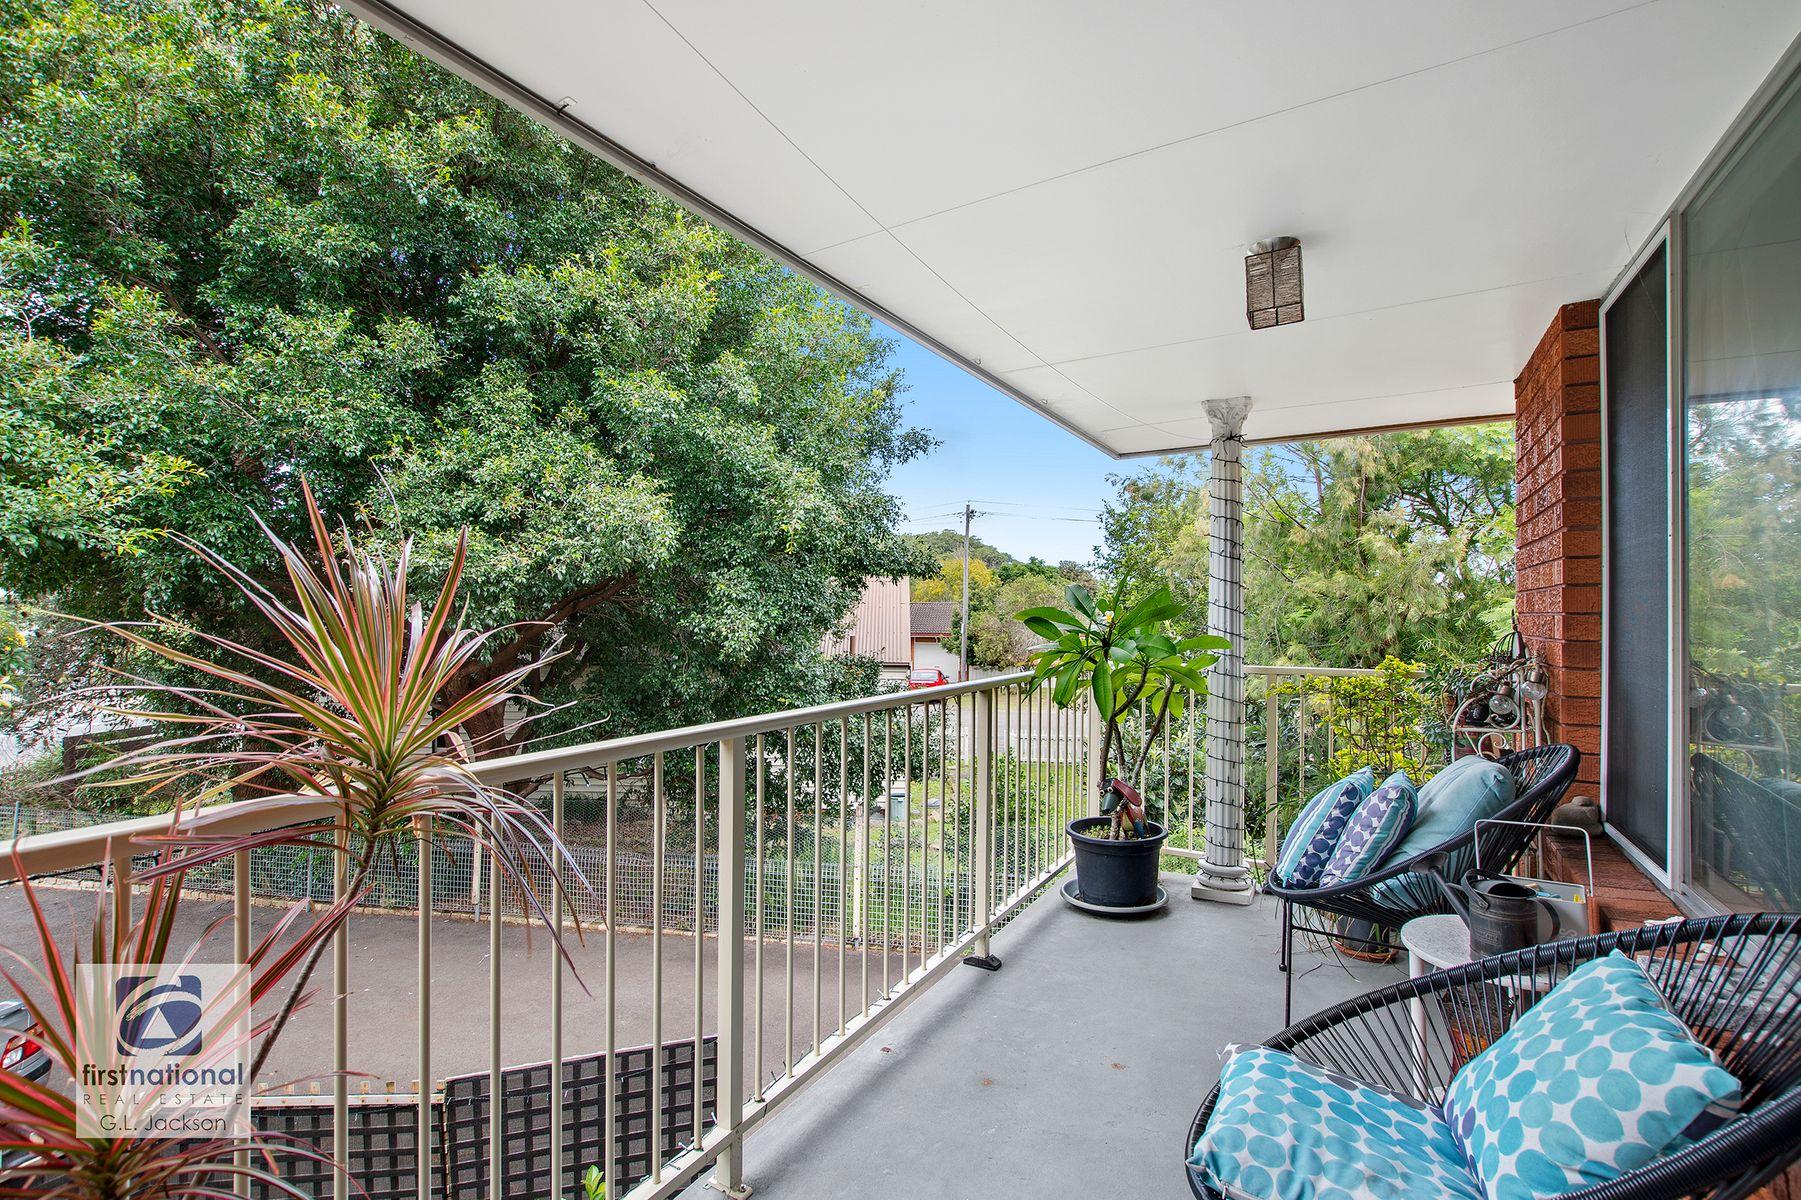 5/263-265 Blackwall Road, Woy Woy, NSW 2256